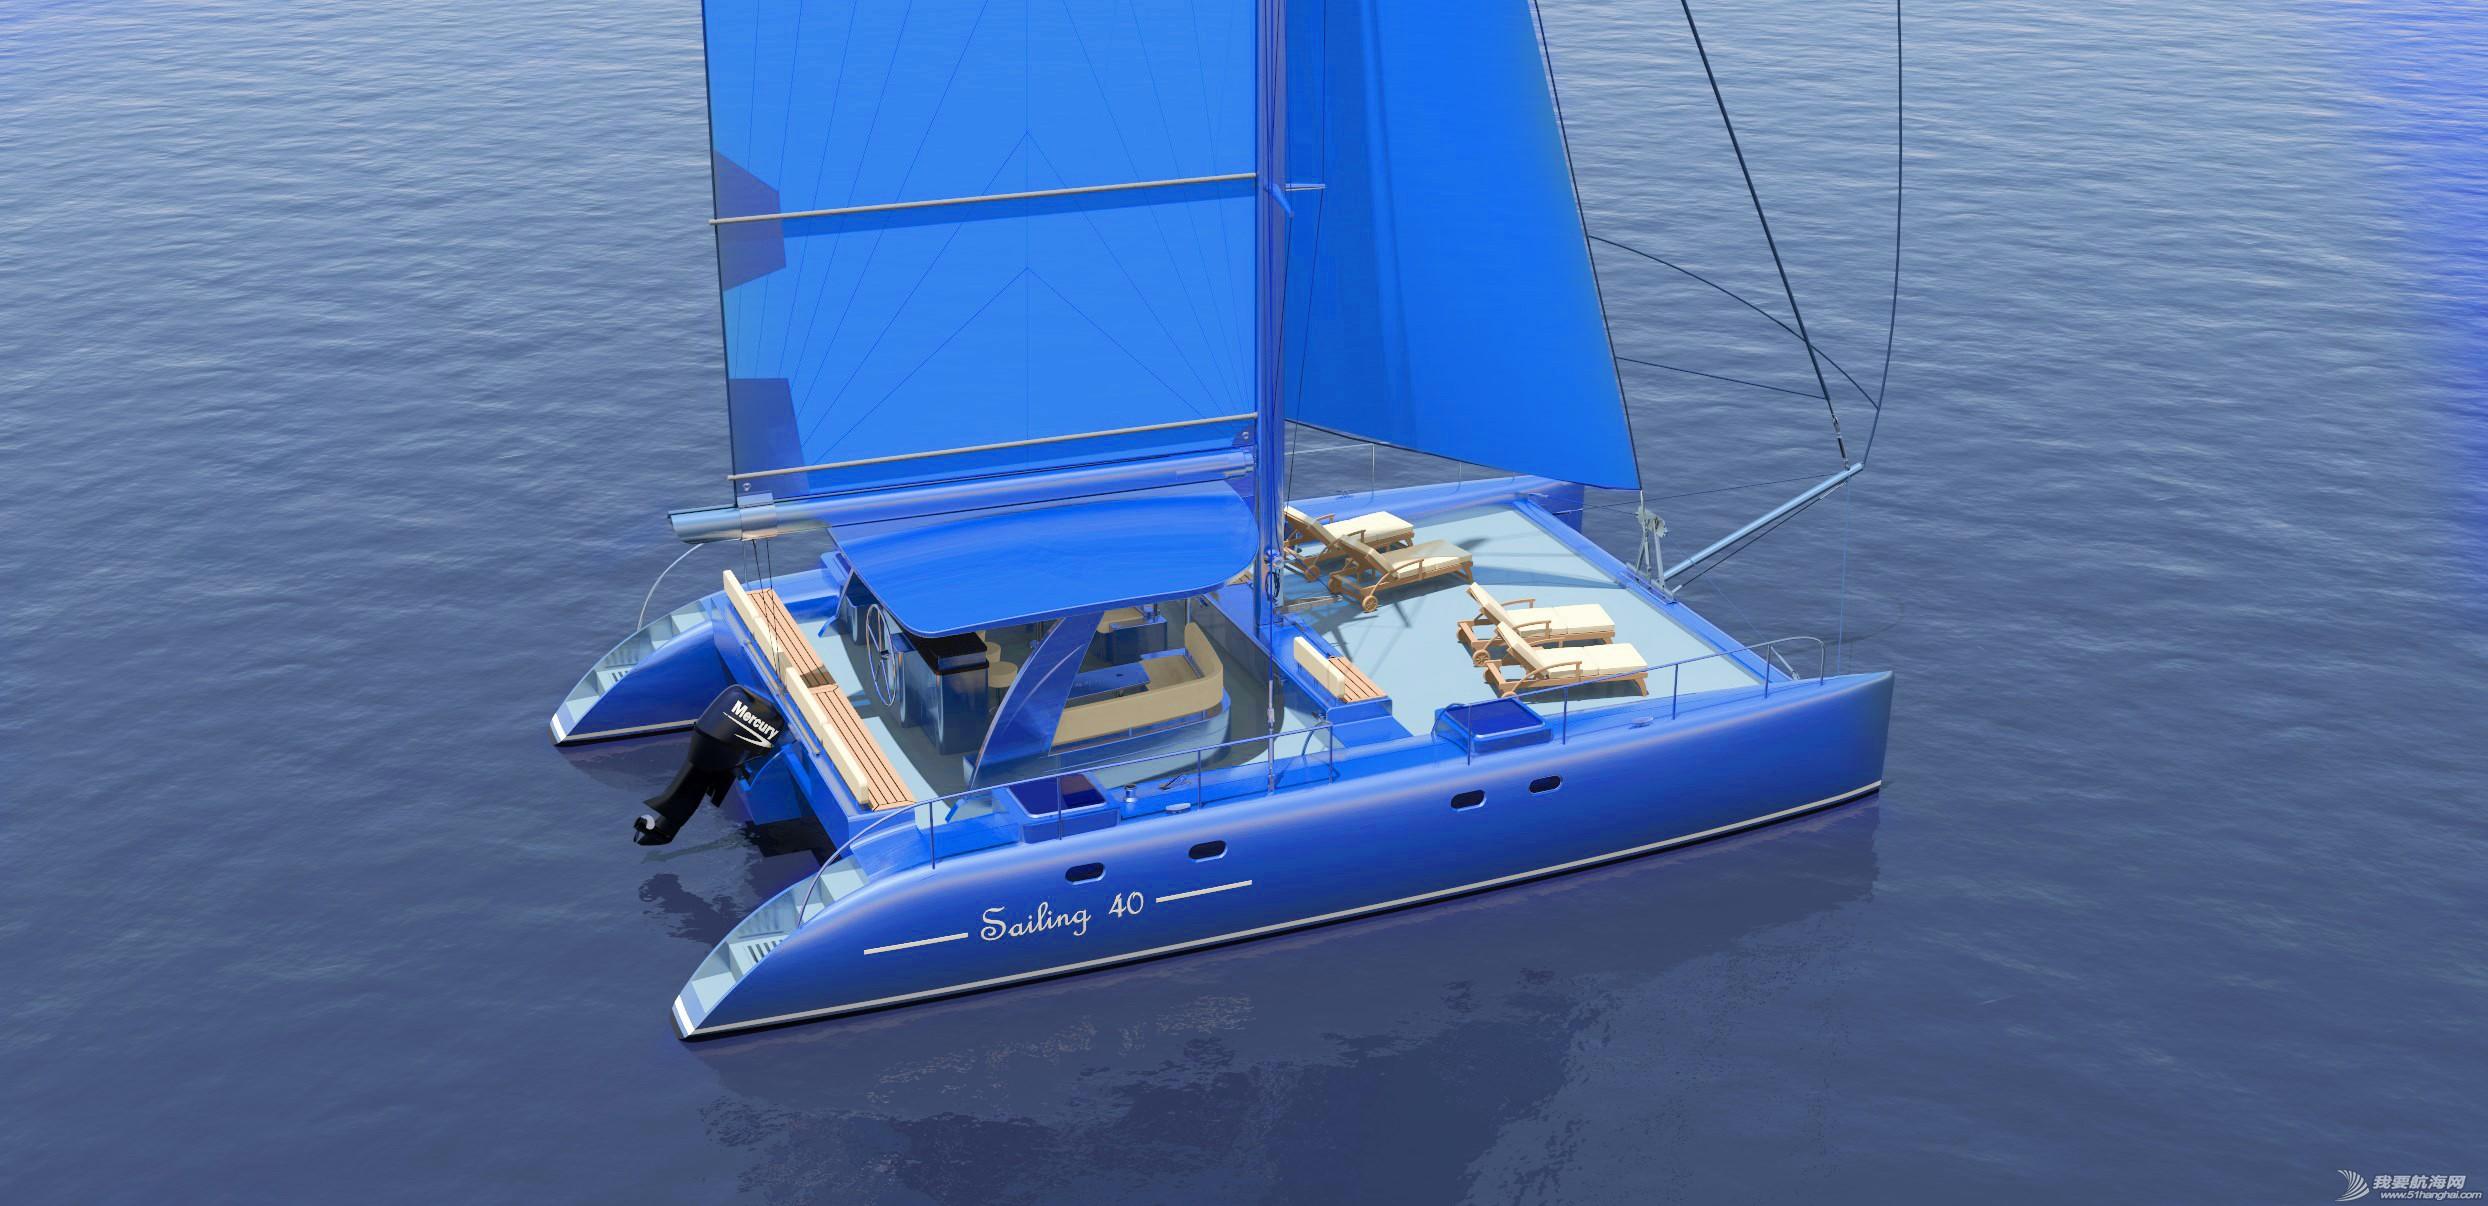 帆船,证书,休闲,英尺,比赛 40英尺双体帆船,比赛休闲两用,法定船检证书和试航证书 可以选择颜色 113133hf0qcqluflhl0nnu